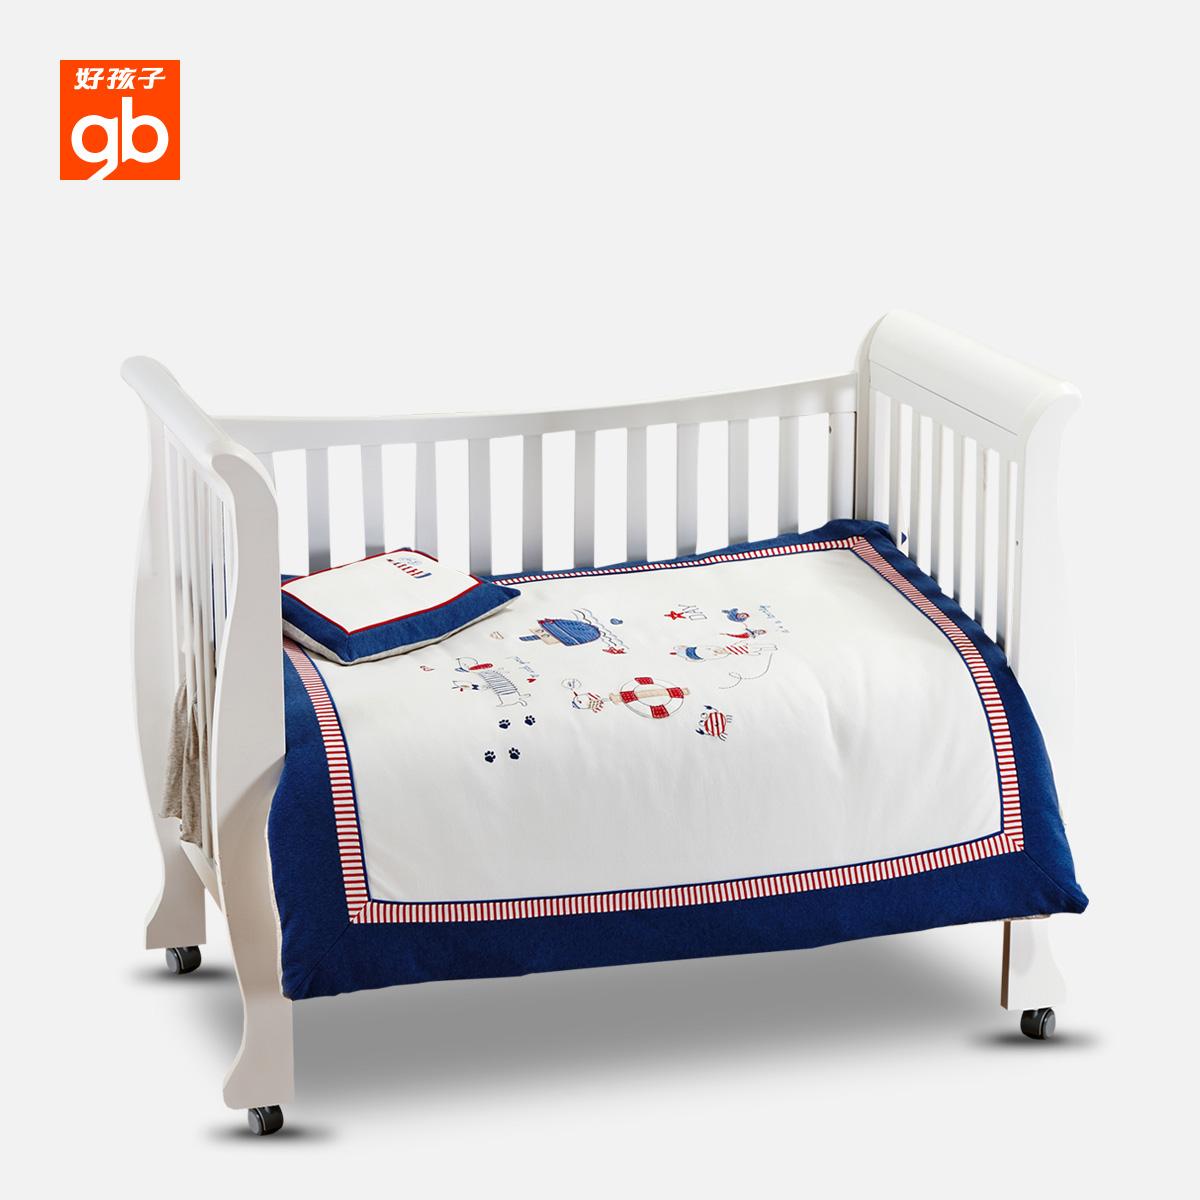 好孩子婴儿床上用品BQ15630577 BQ15610578